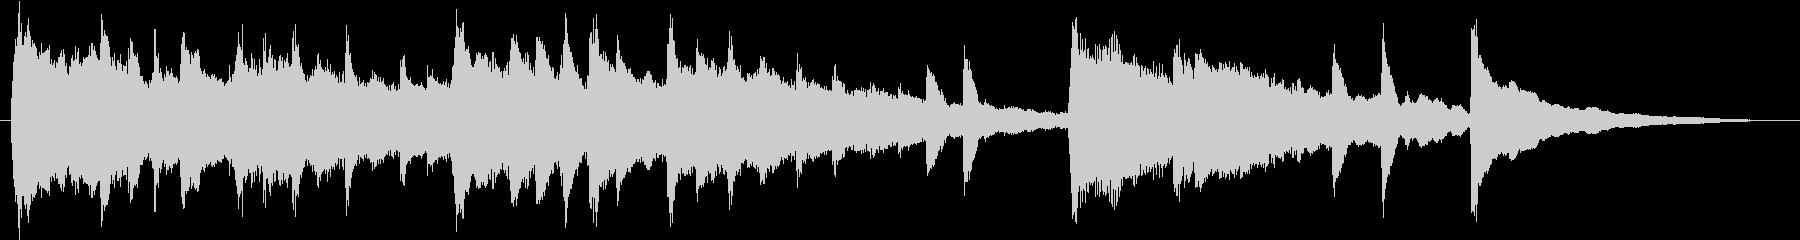 感動的エモーショナルなピアノサウンドロゴの未再生の波形